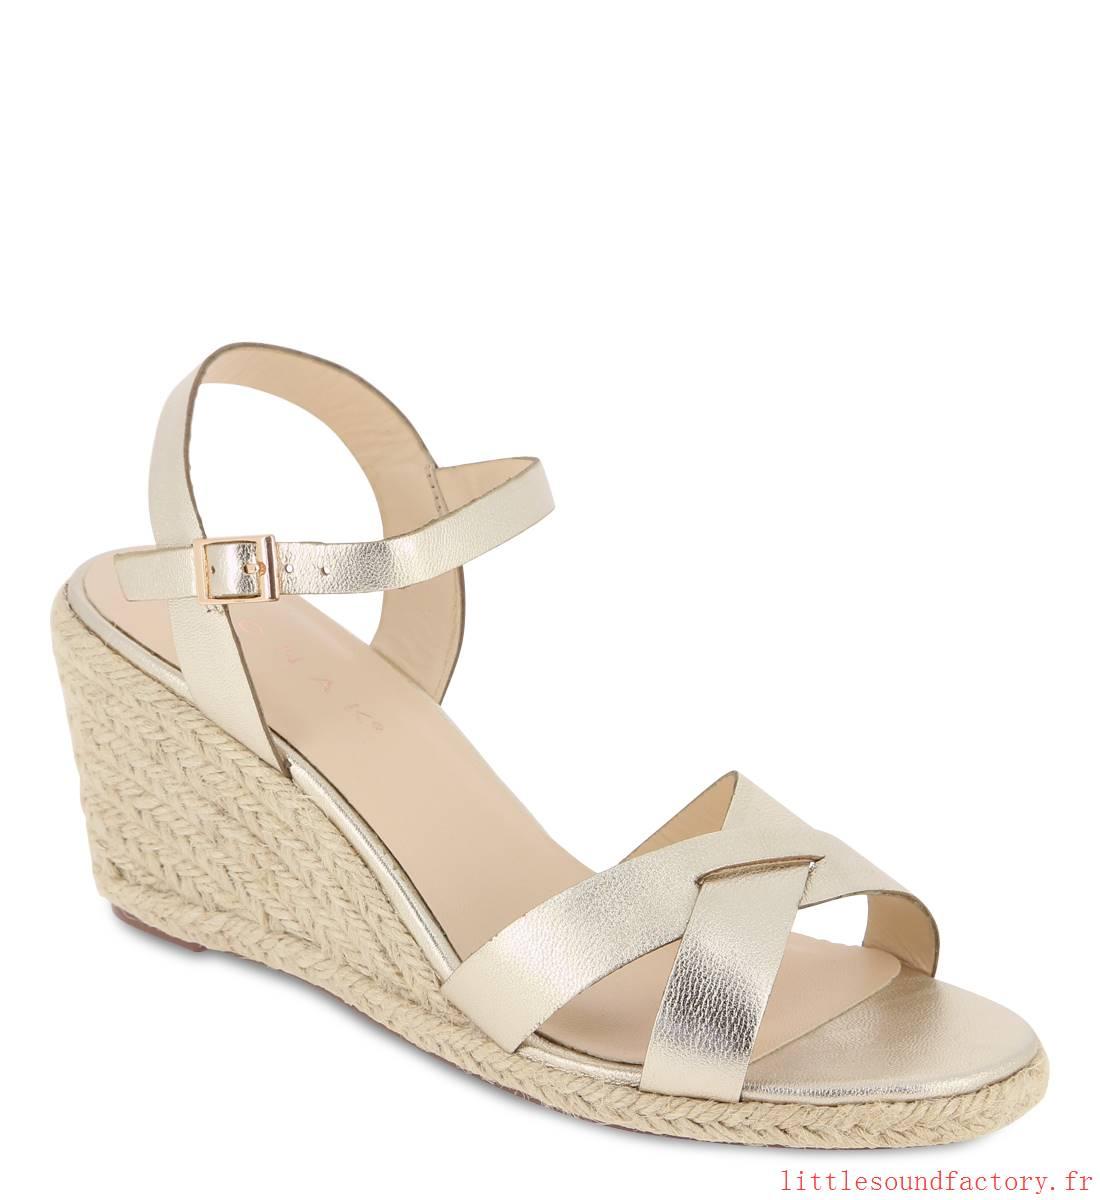 Chaussures compensées dorées femme